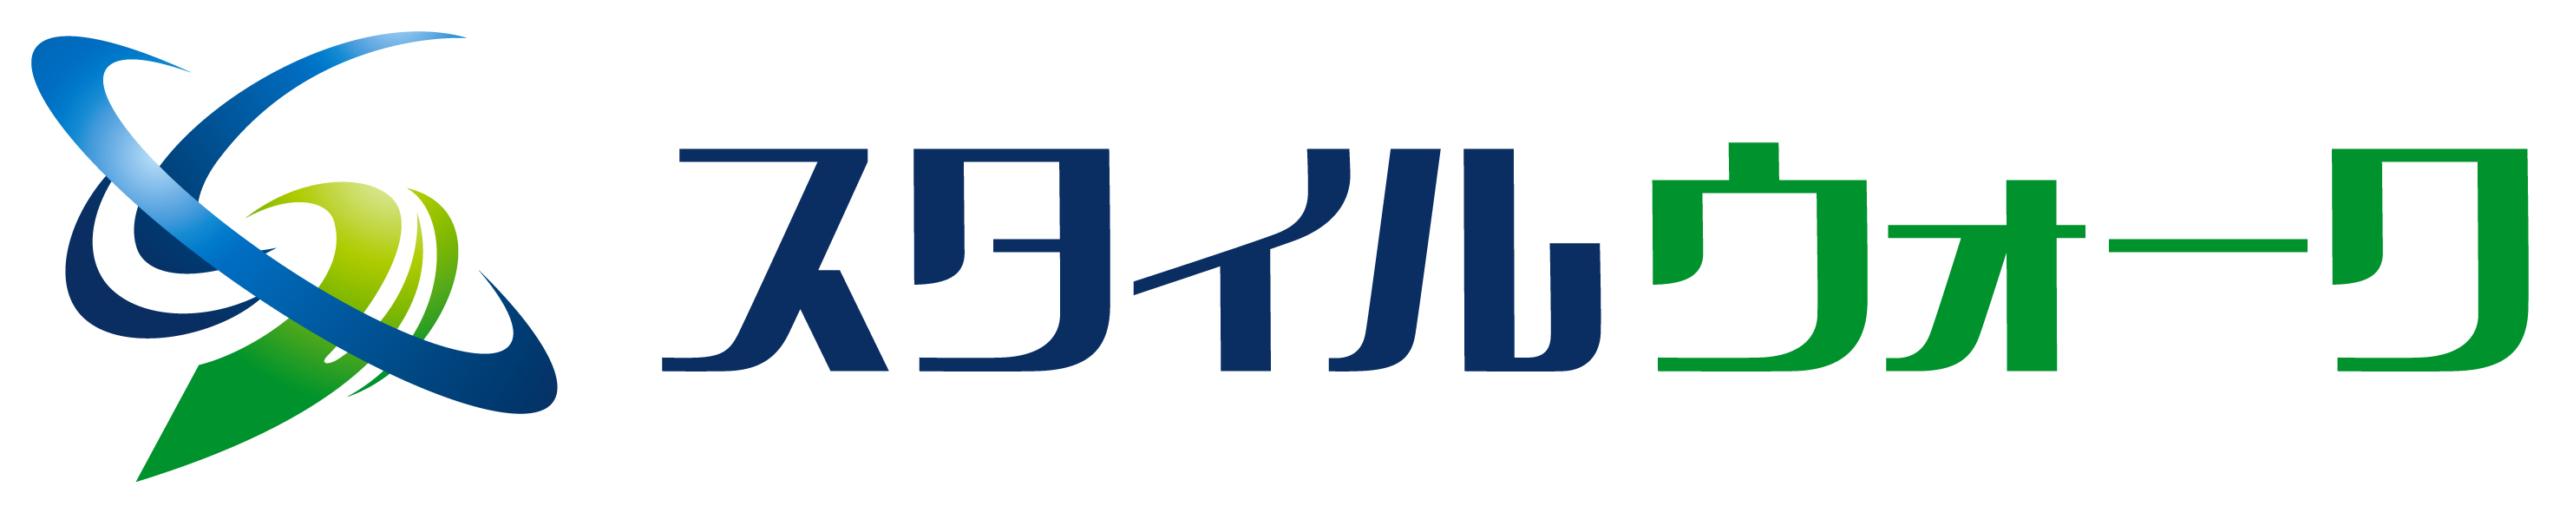 自動車関連(販売/修理・整備)とイニシャルと青のロゴ